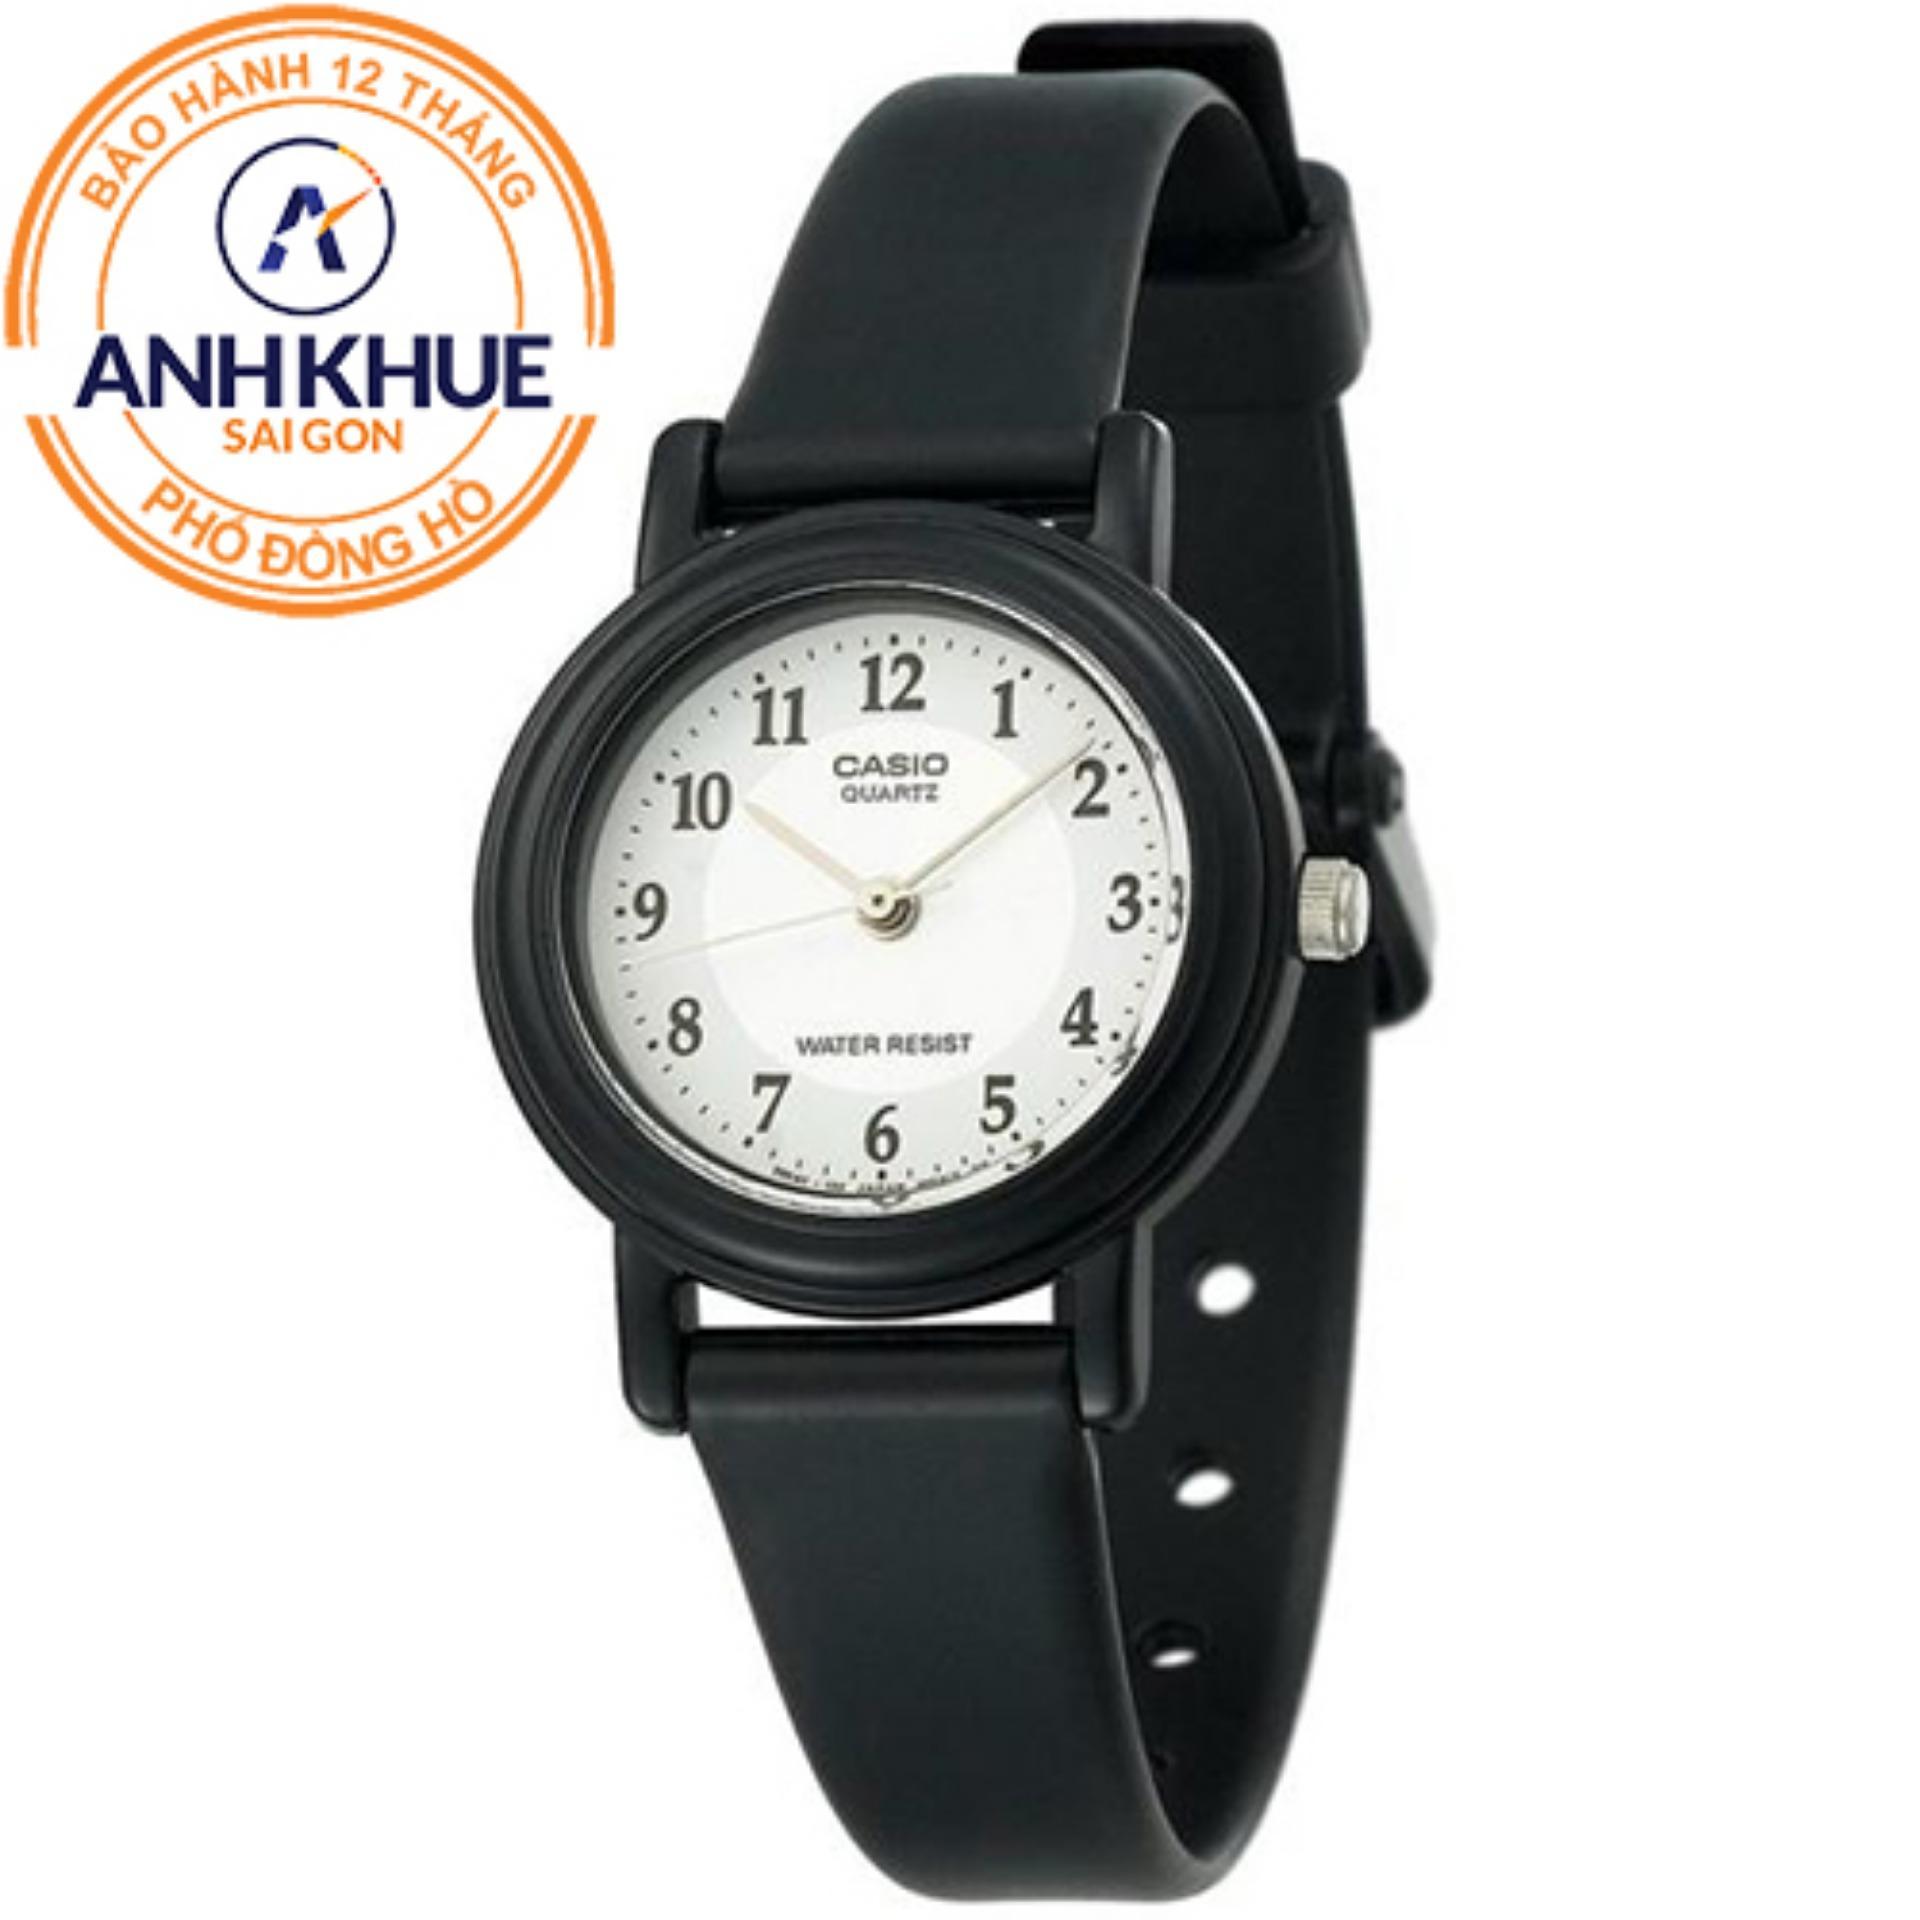 Giảm giá Đồng hồ nữ dây nhựa Casio Anh Khuê LQ-139AMV-7B3LDF